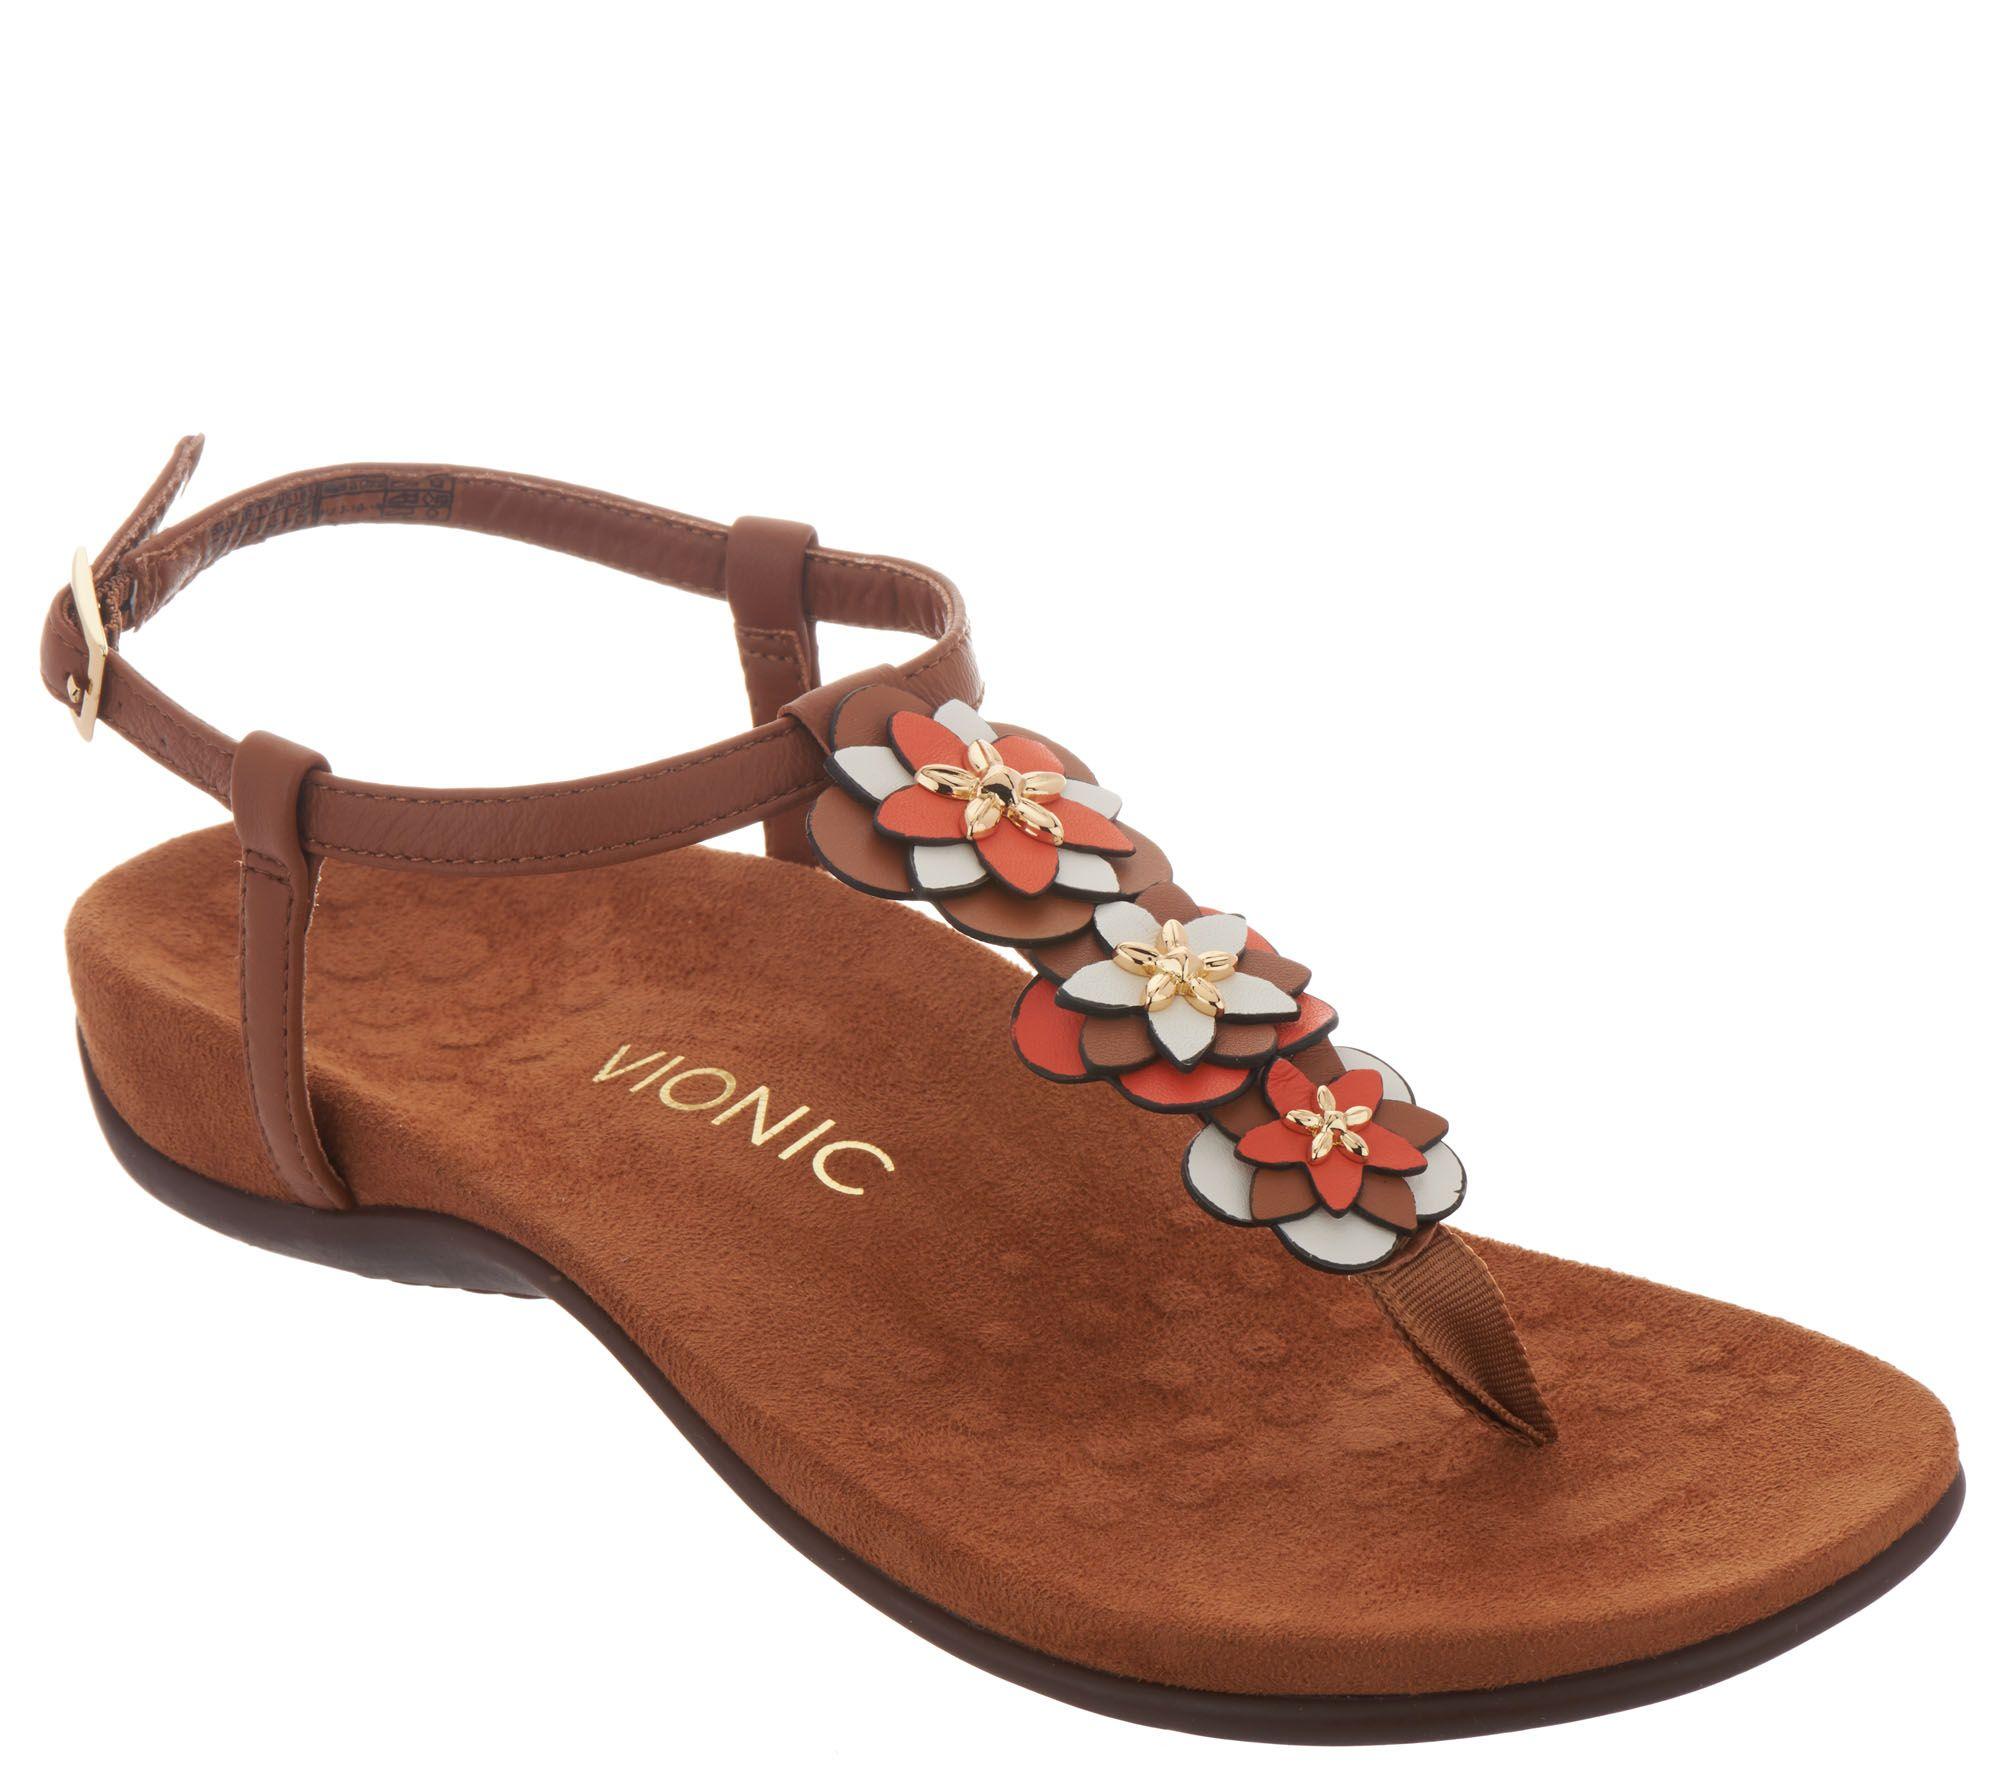 01298889b537d Vionic Floral T-Strap Sandals - Paulie - Page 1 — QVC.com